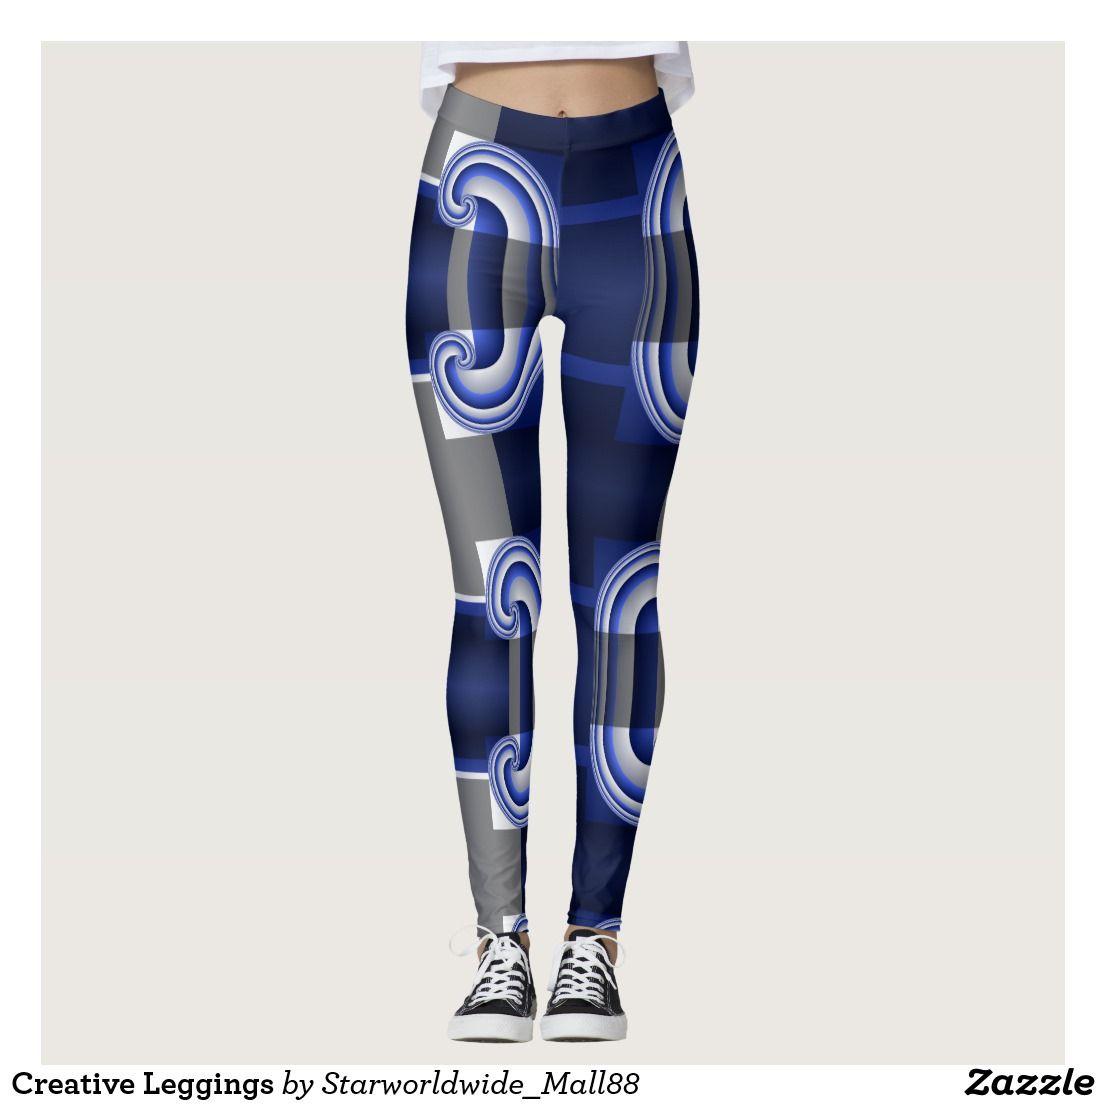 bec3f3a4c625e Creative Leggings leggings walmart, leggings workout, leggings target,  leggings definition, cheap leggings, leggings for girls, leggings plus  size, leggings ...